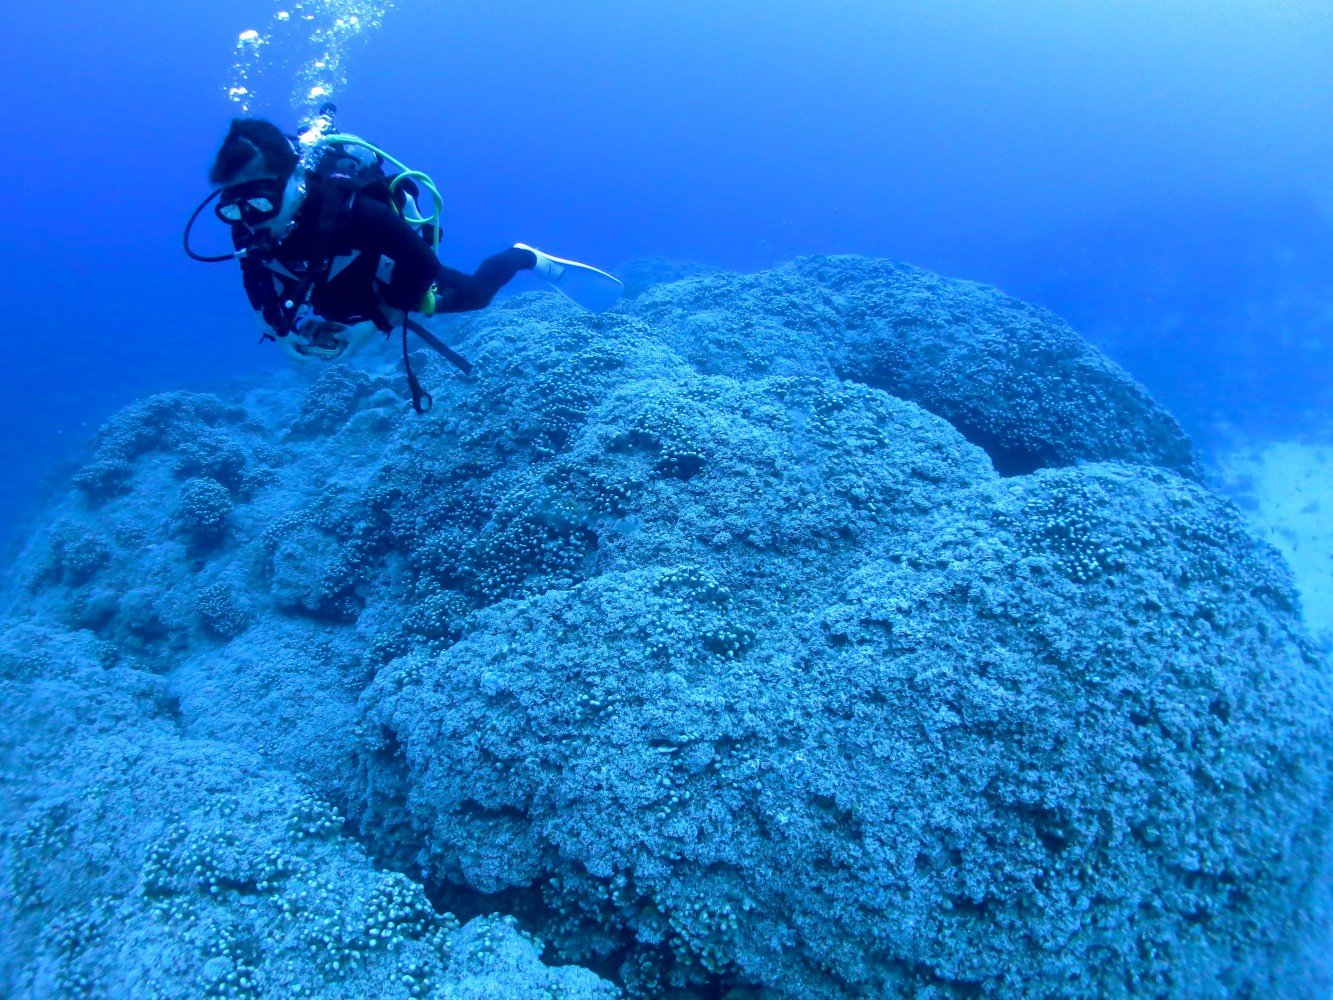 サンゴの上を遊泳